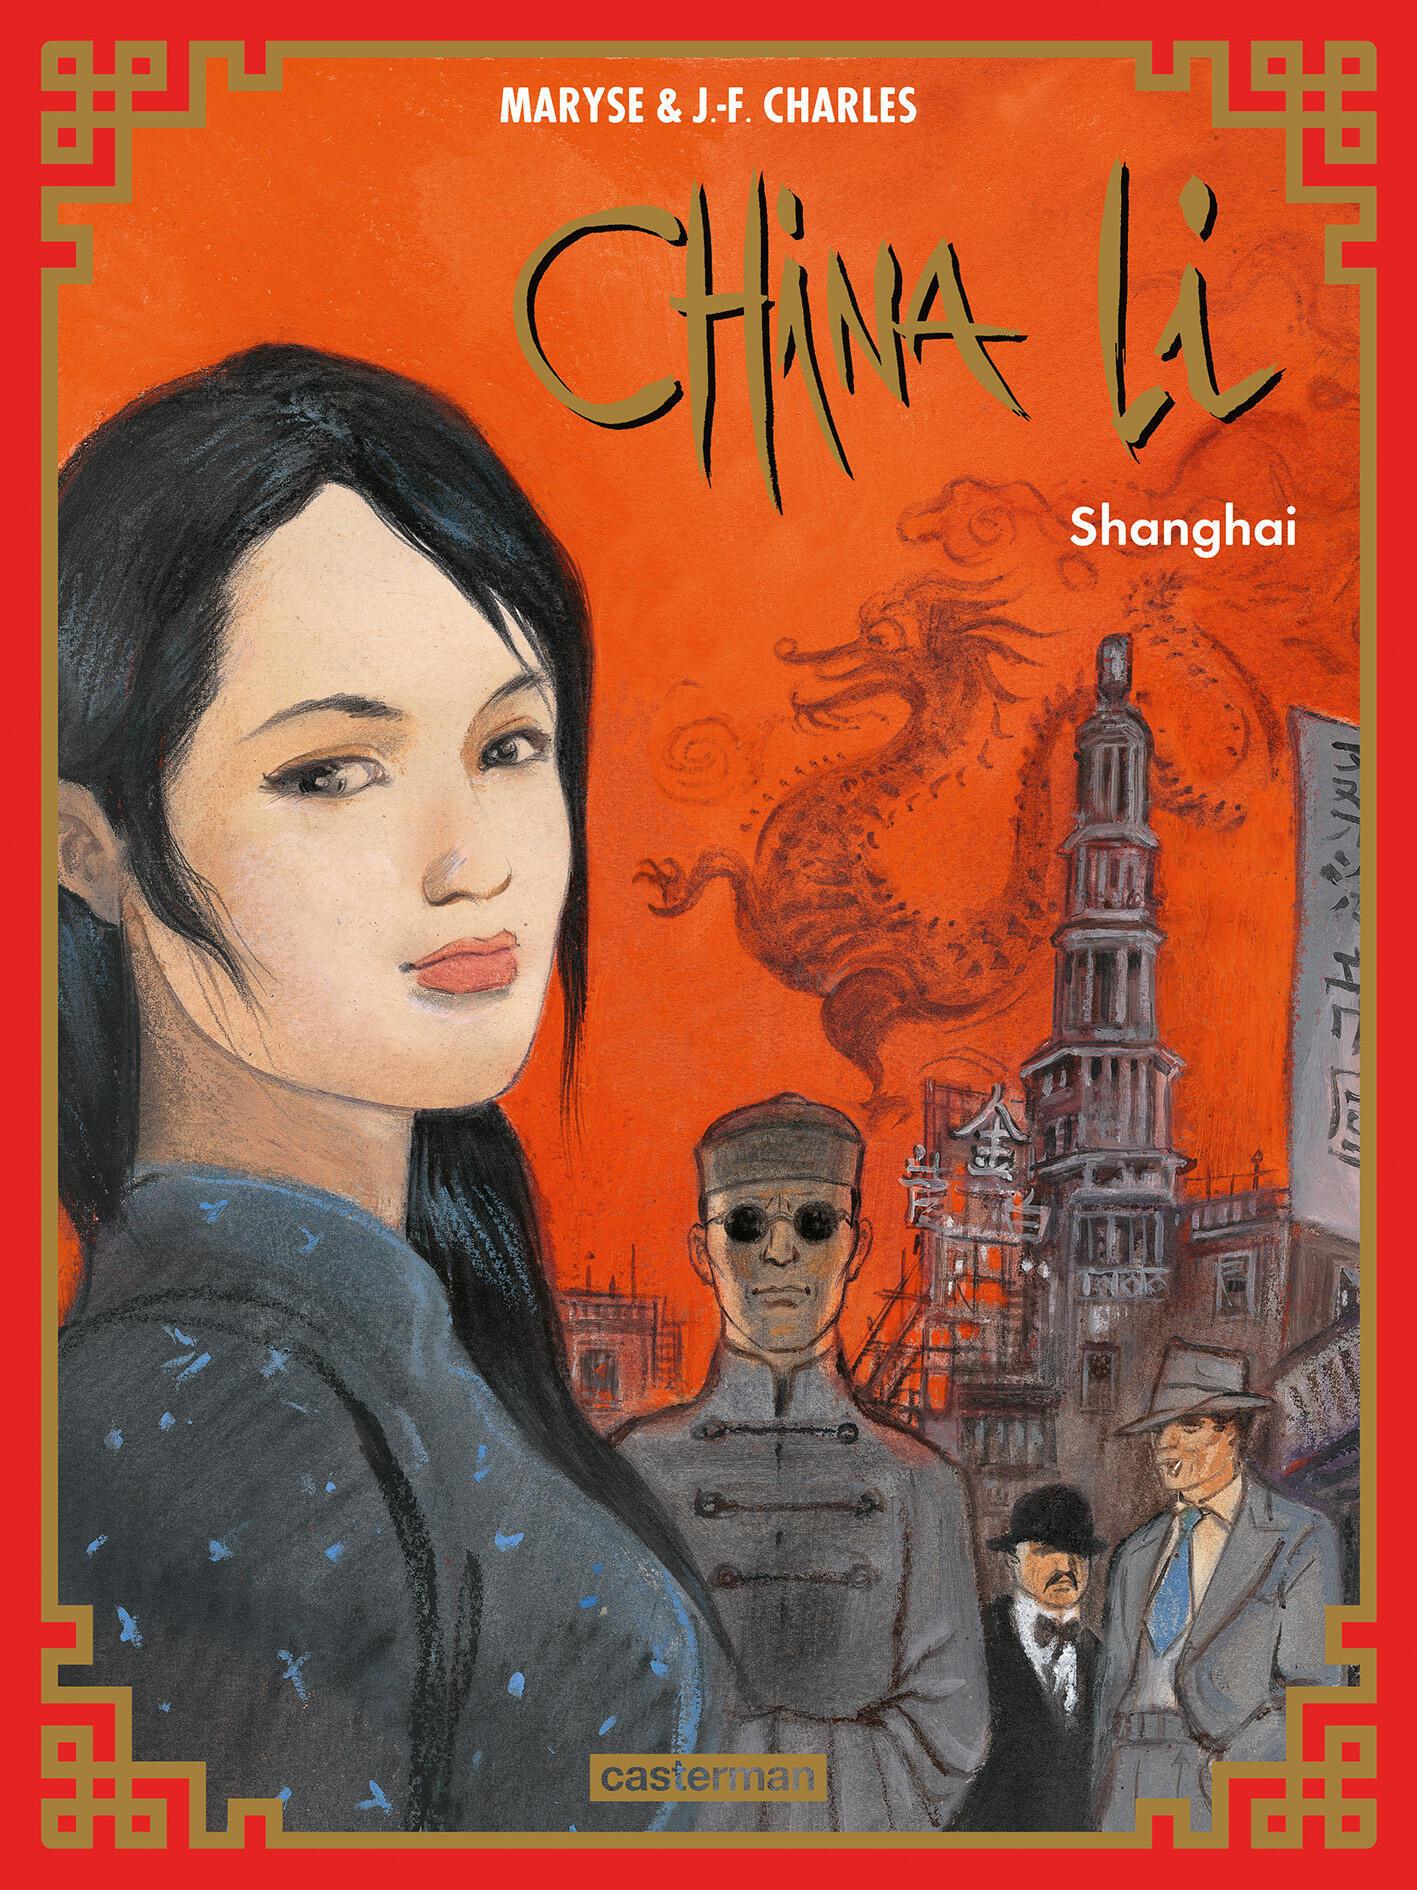 Couverture de la bande dessinée «China Li» de Maryse et Jean-Fraçois Charles.